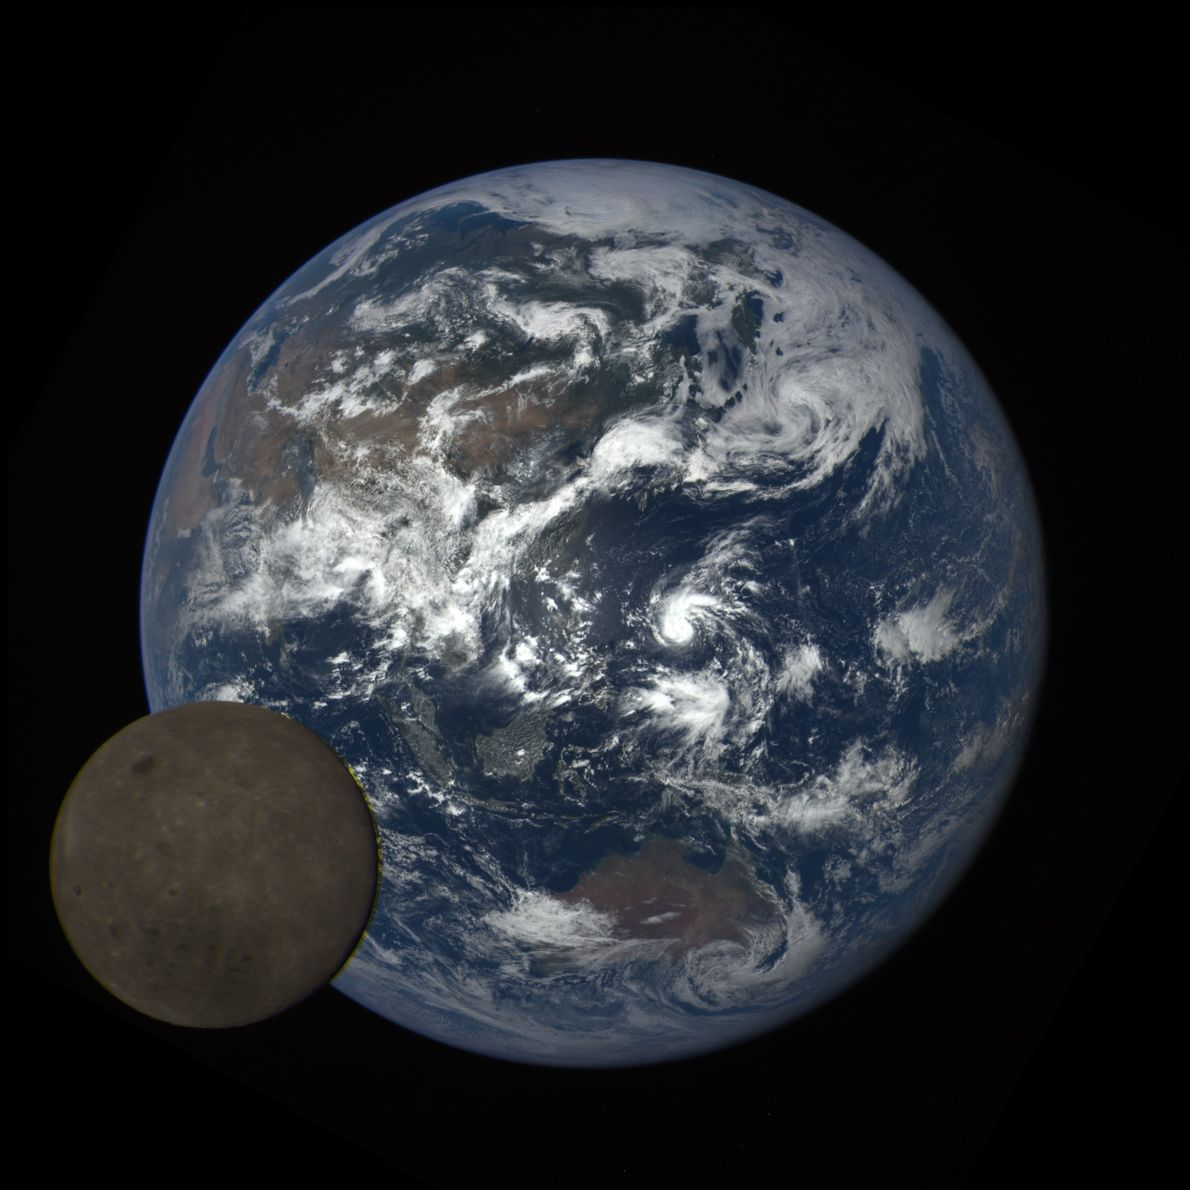 O satélite Deep Space Climate Observatory, ou DSCOVR, descolou em fevereiro de 2015.